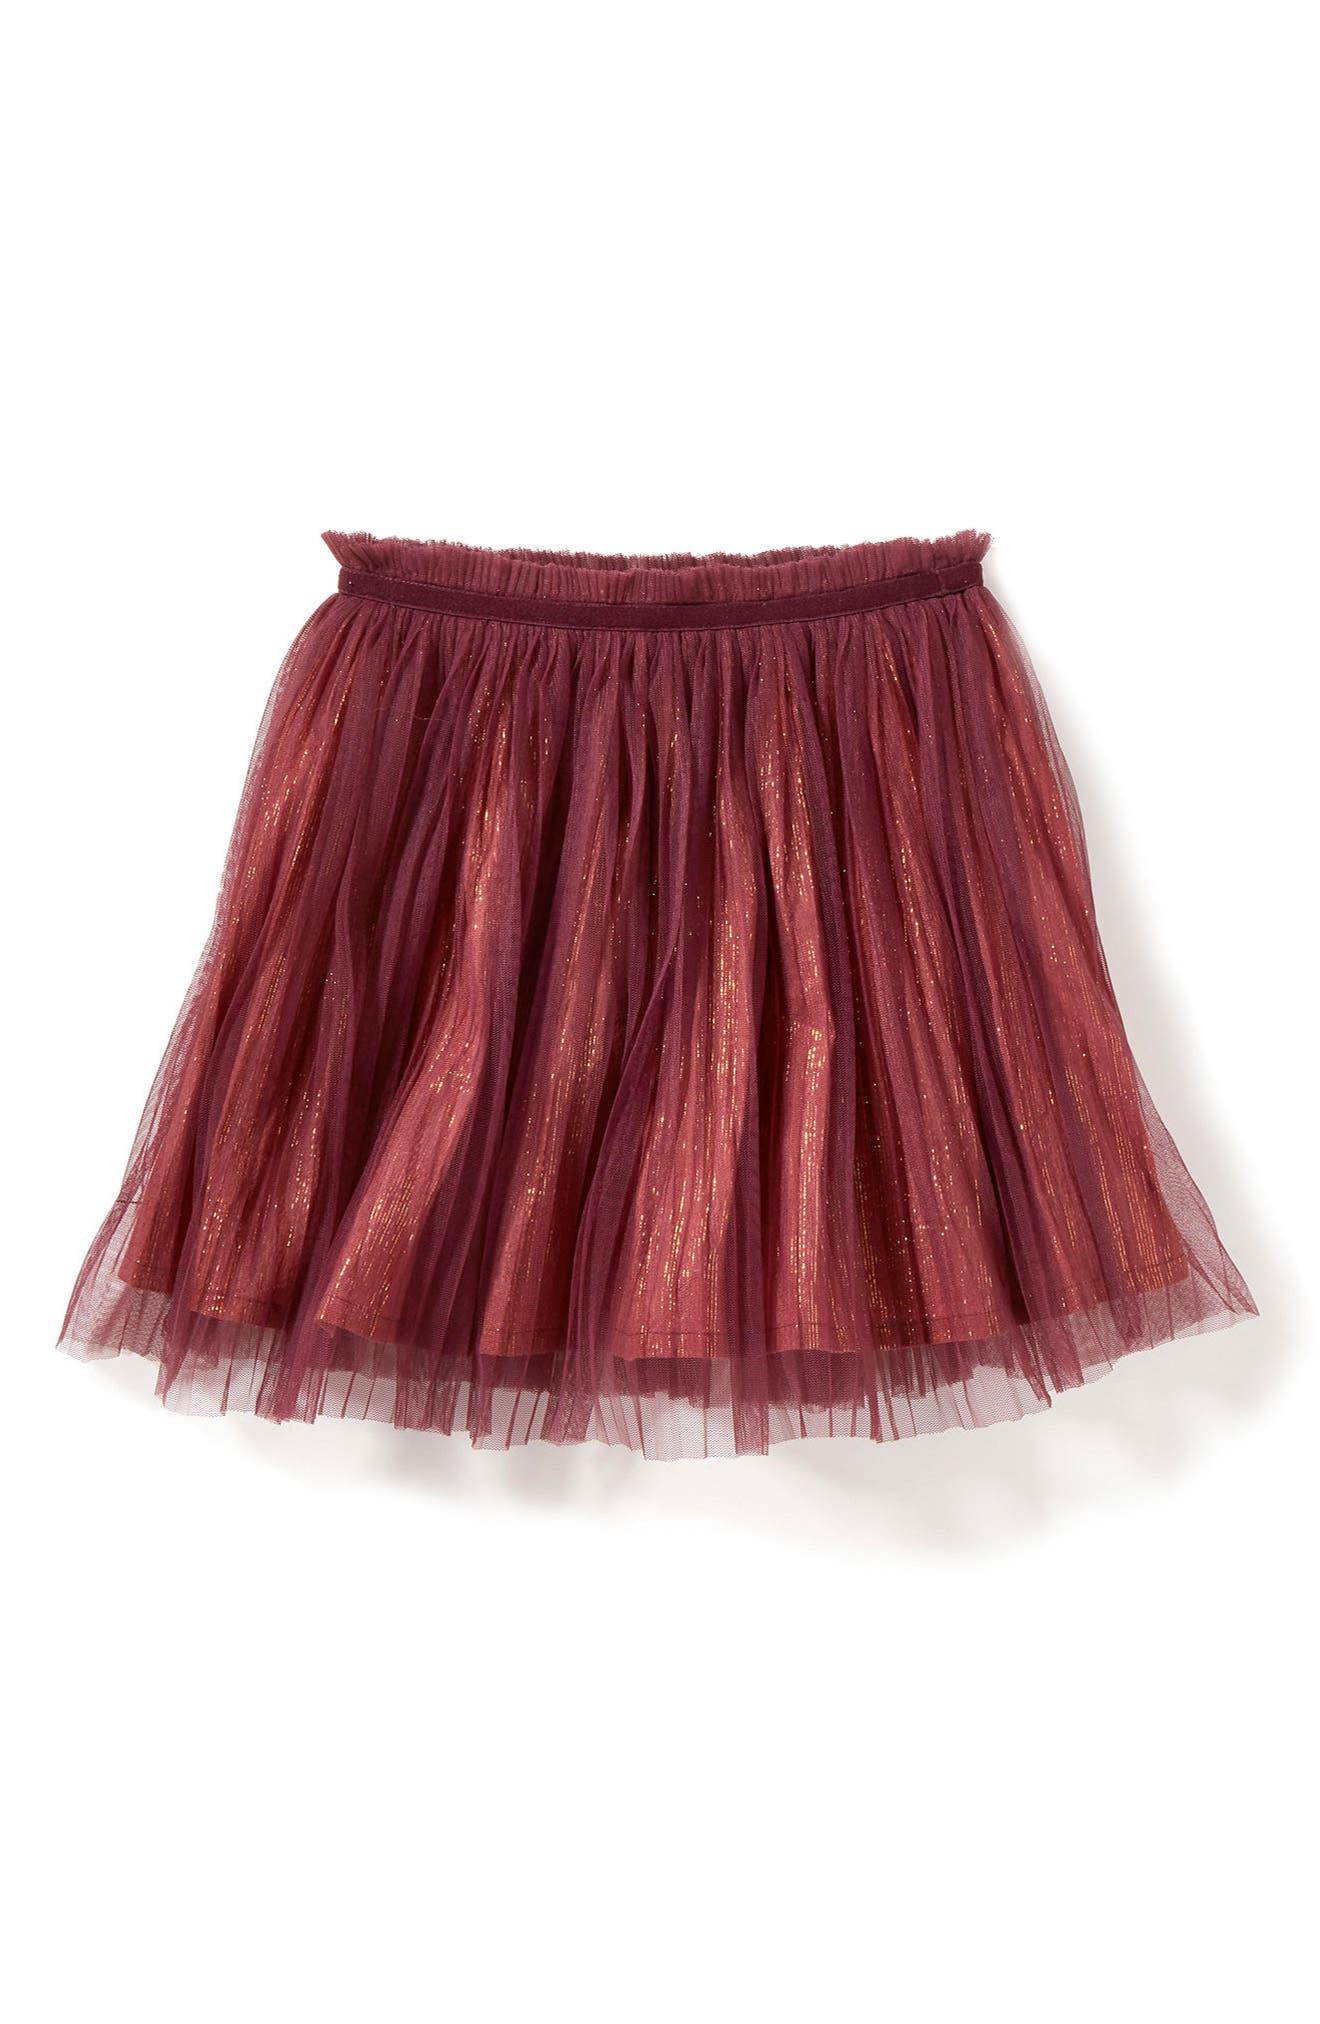 Alternate Image 1 Selected - Peek Dana Skirt (Toddler Girls, Little Girls & Big Girls)